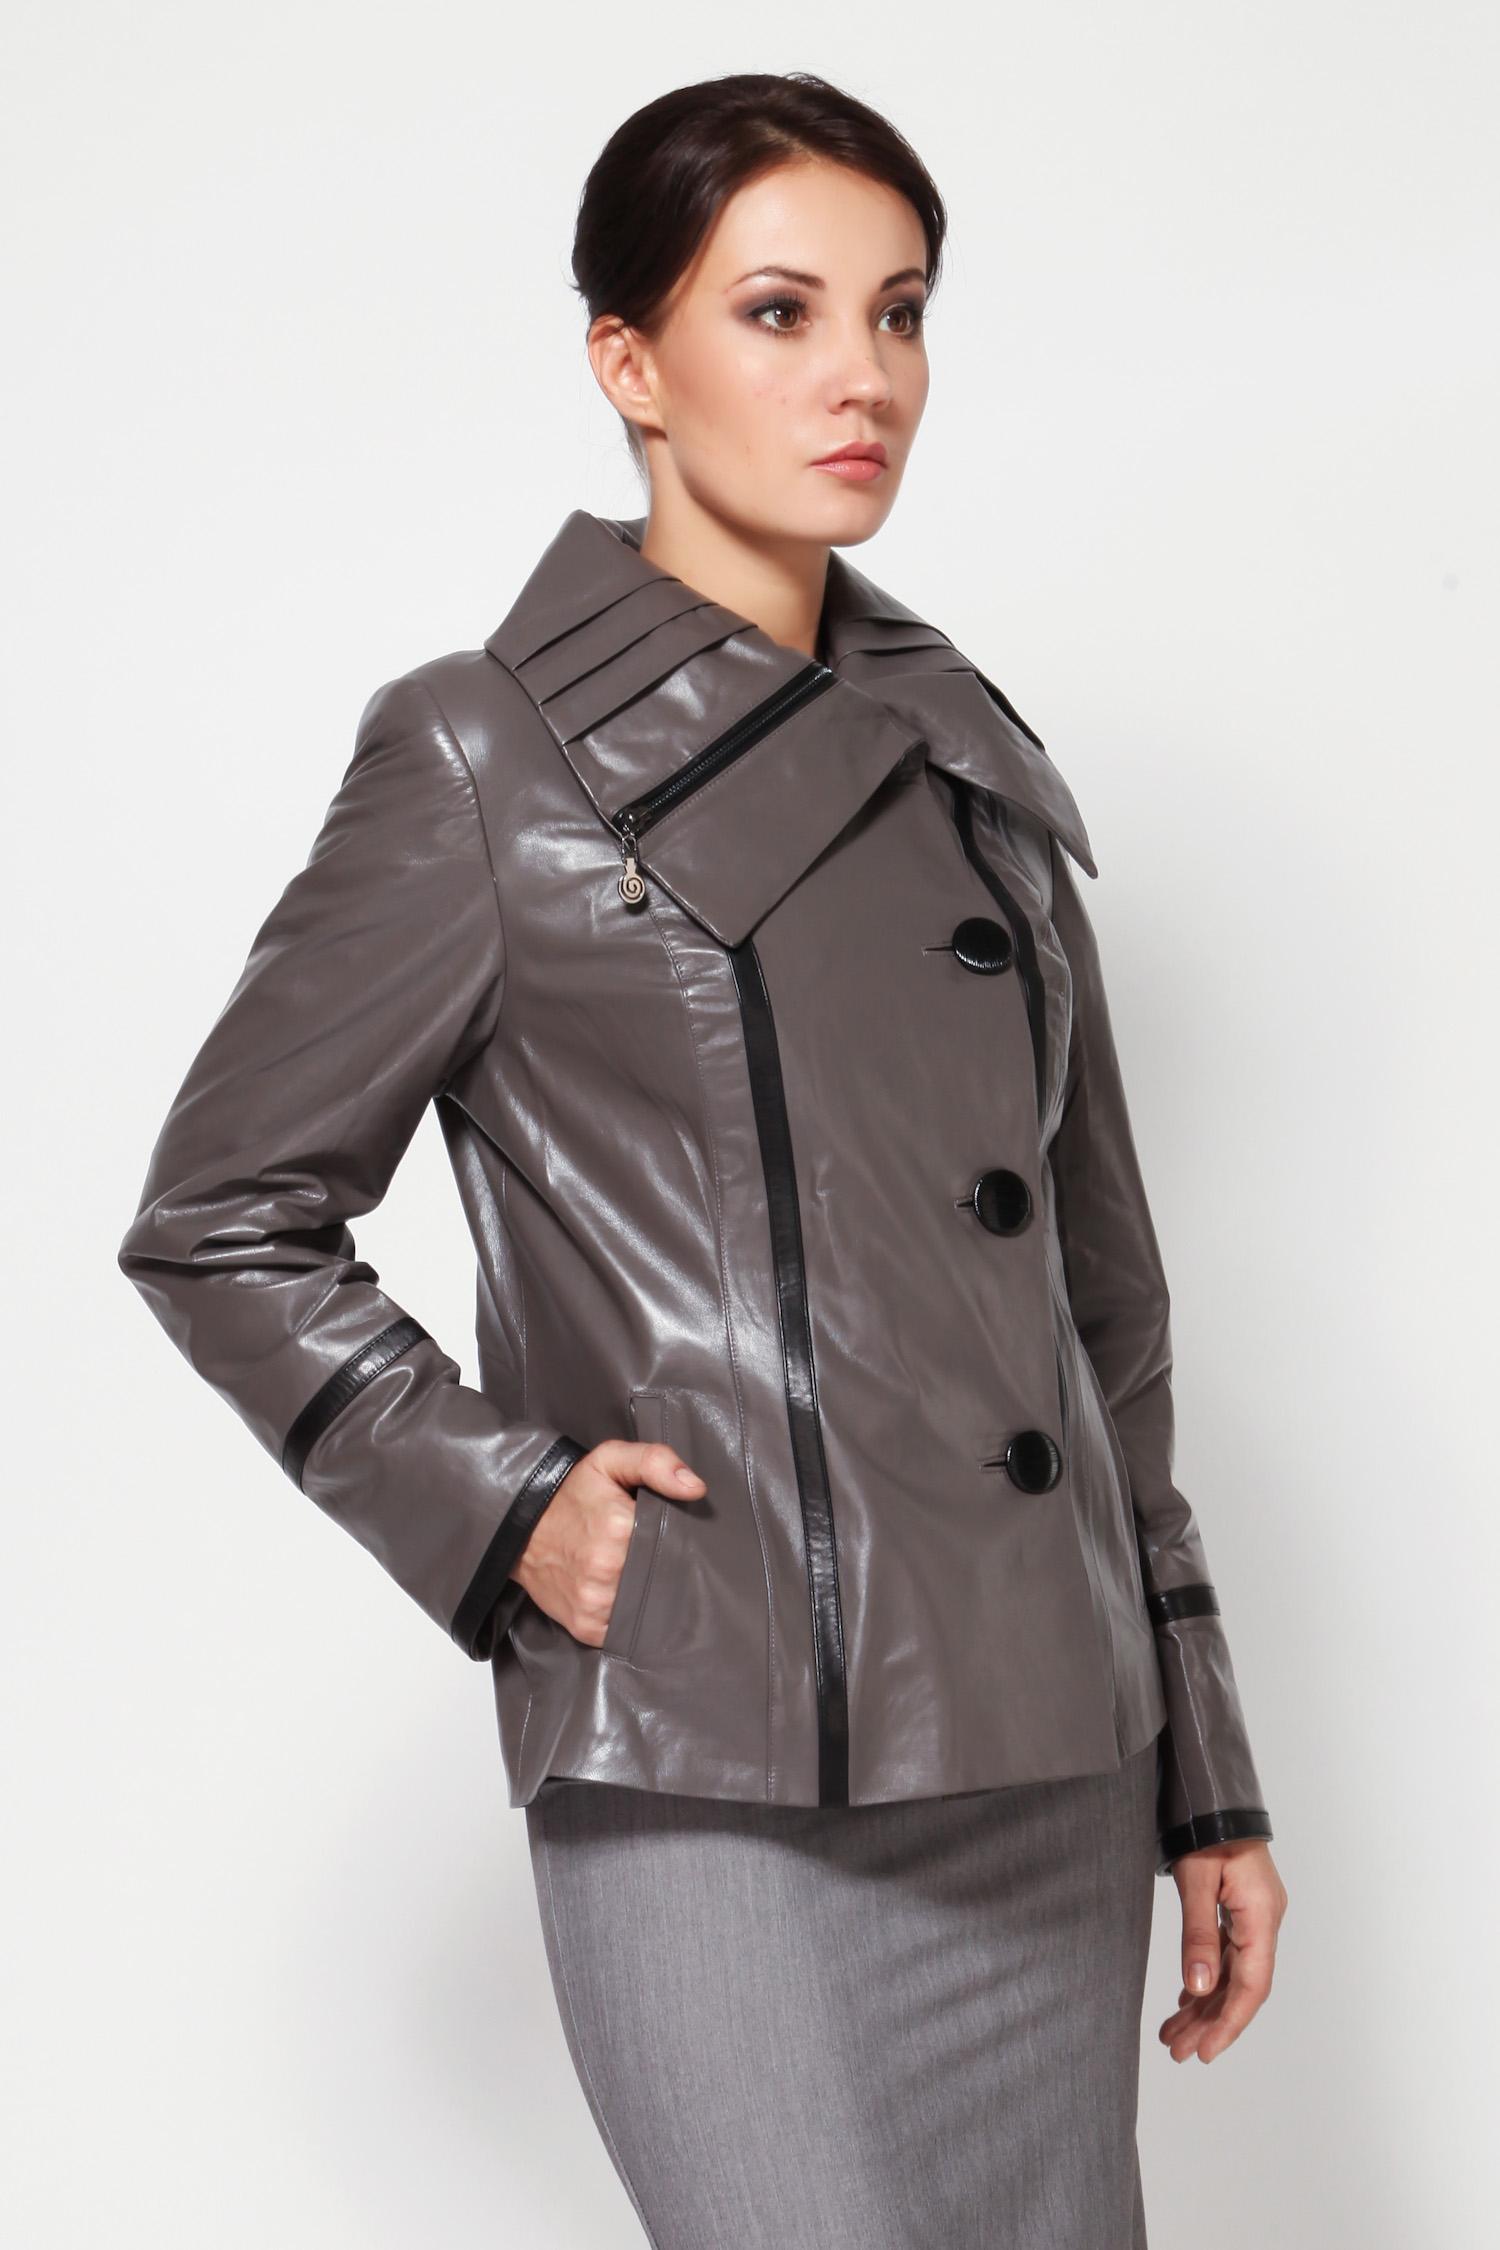 Женская кожаная куртка из натуральной кожи с воротником, без отделкиВ такой куртке серого цвета, может чувствовать себя уютно и легко - любая красотка! Слегка приталенный силуэт, удобная длина, шикарный цвет, застежки на пуговицах, карманы, отложной воротник с интересной отделкой в виде молнии и перчатки в подарок, не оставляют без внимания.<br><br>Несмотря на демократичную цену, эта модель смотрится очень презентабельно. Обратите внимание на эту куртку, у нее оригинальный крой и очень интересный оттенок. Несомненно, отличный выбор!<br><br>Воротник: отложной<br>Длина см: Короткая (51-74 )<br>Материал: Кожа овчина<br>Цвет: серый<br>Вид застежки: центральная<br>Застежка: на пуговицы<br>Пол: Женский<br>Размер RU: 46